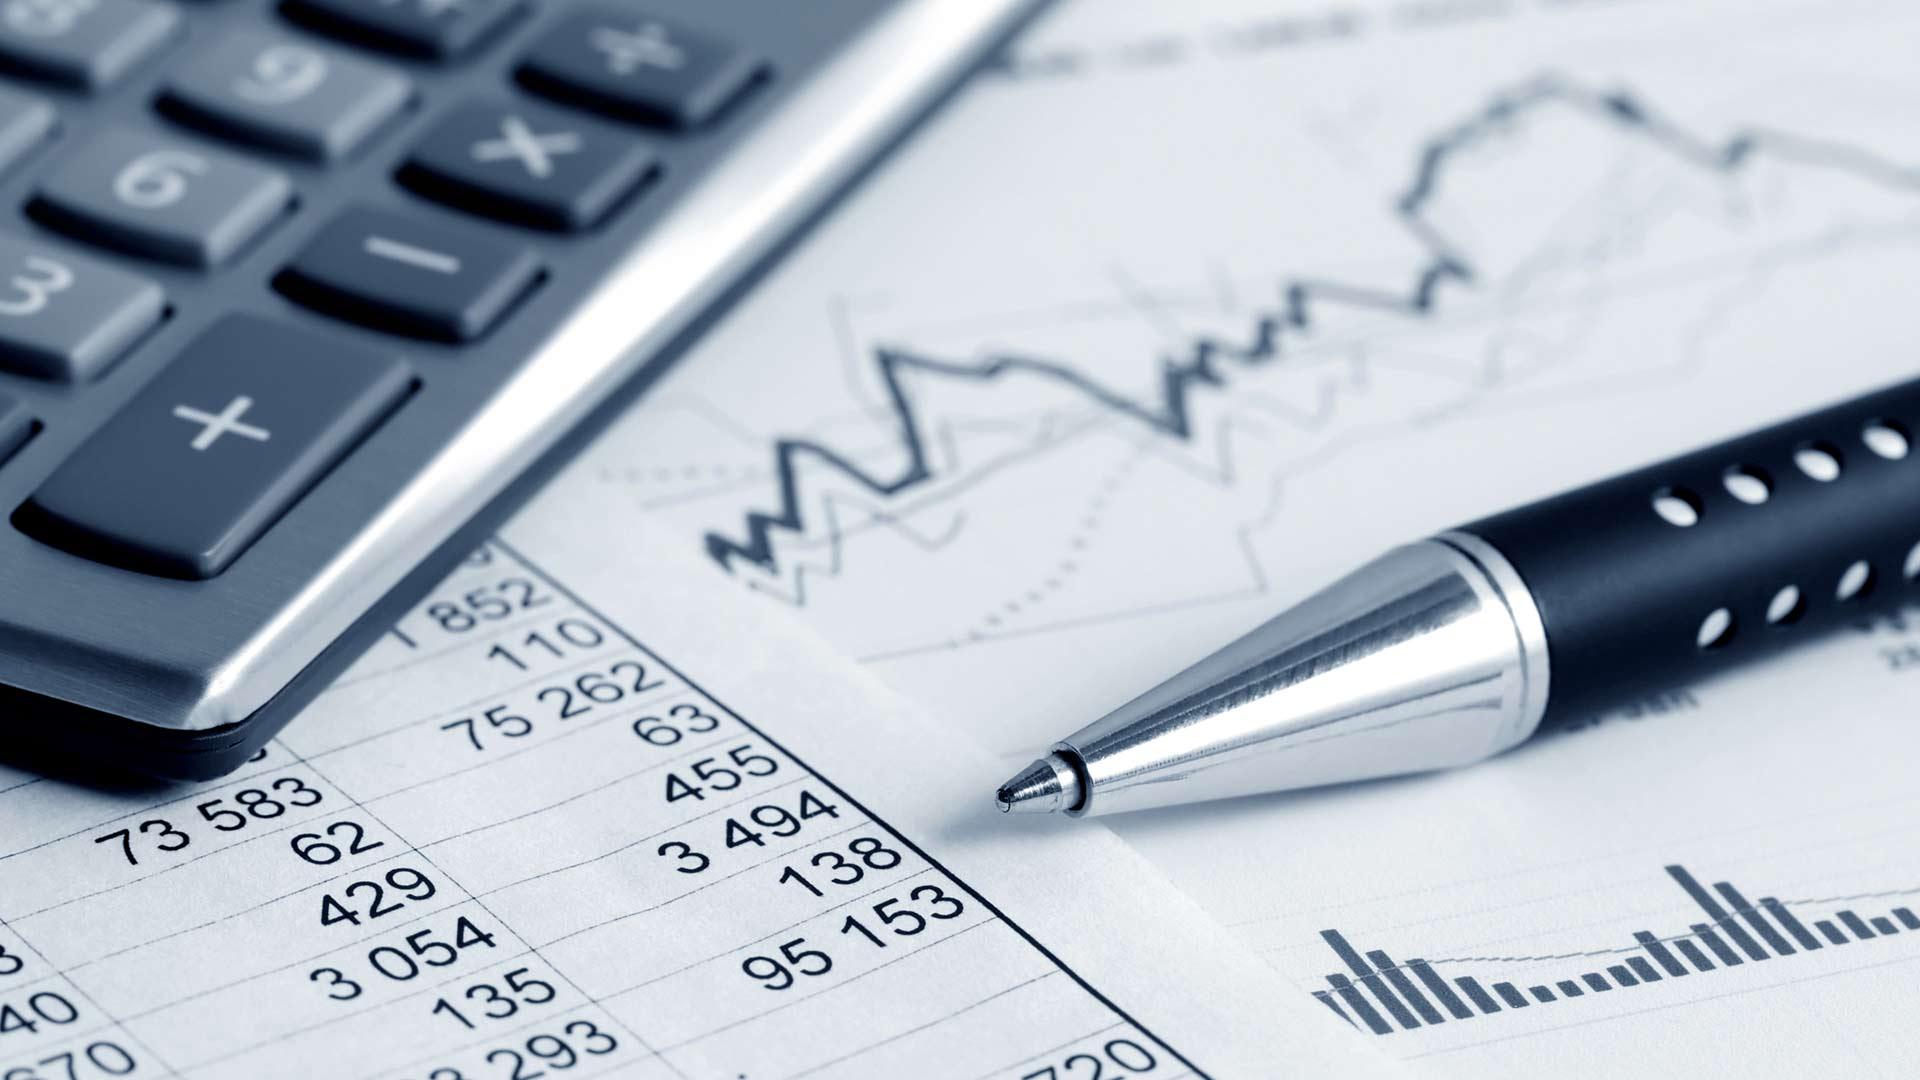 finanzundrechnungswesen